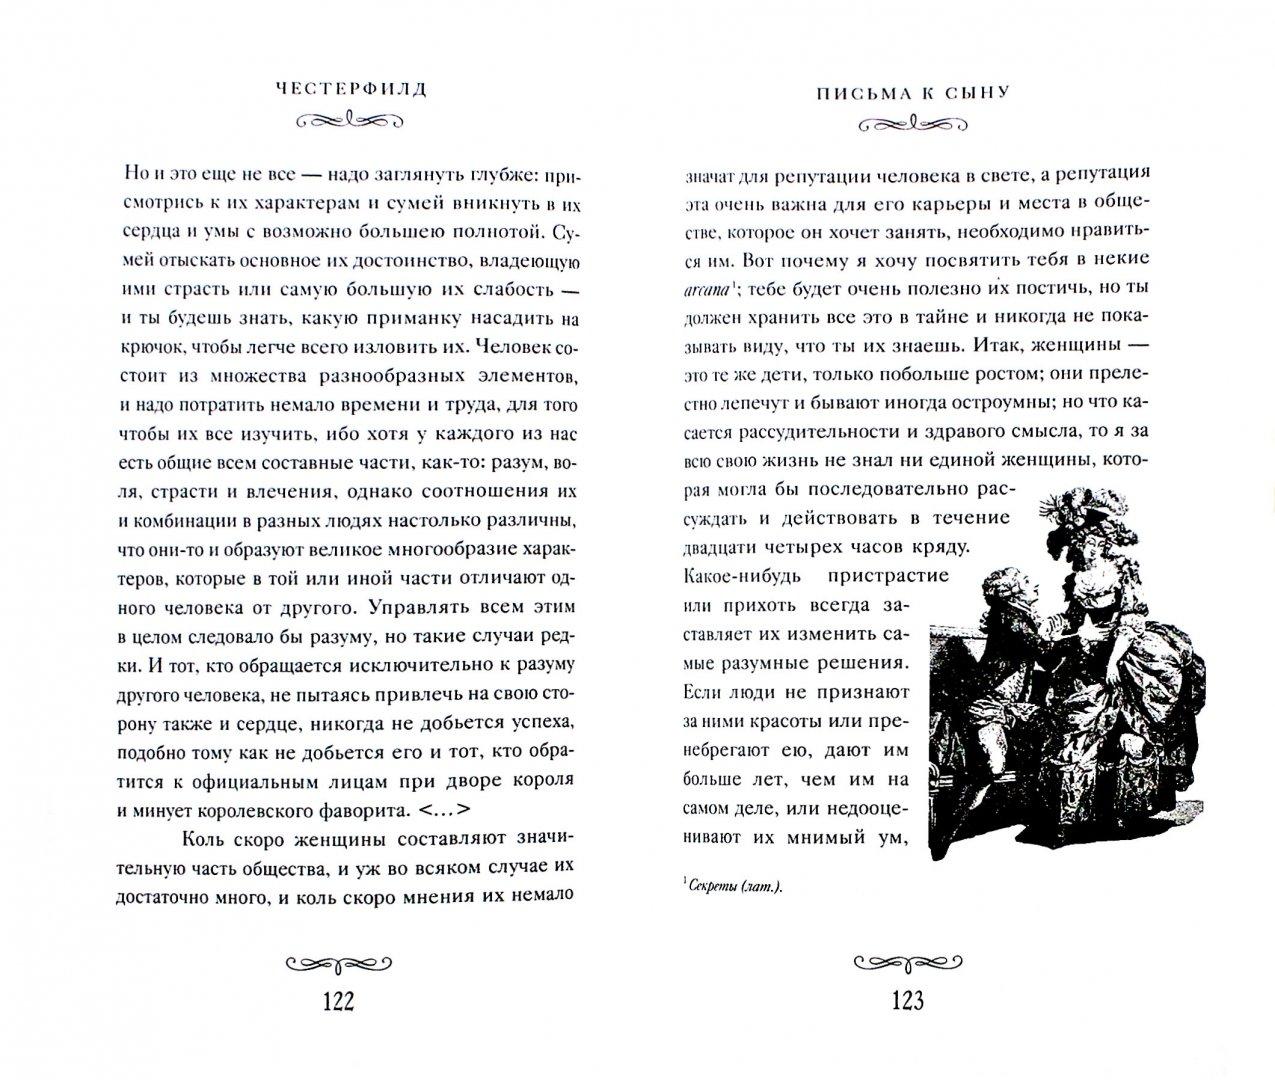 Иллюстрация 1 из 8 для Письма к сыну - Честерфилд Филипп Дормер Стенхоп | Лабиринт - книги. Источник: Лабиринт